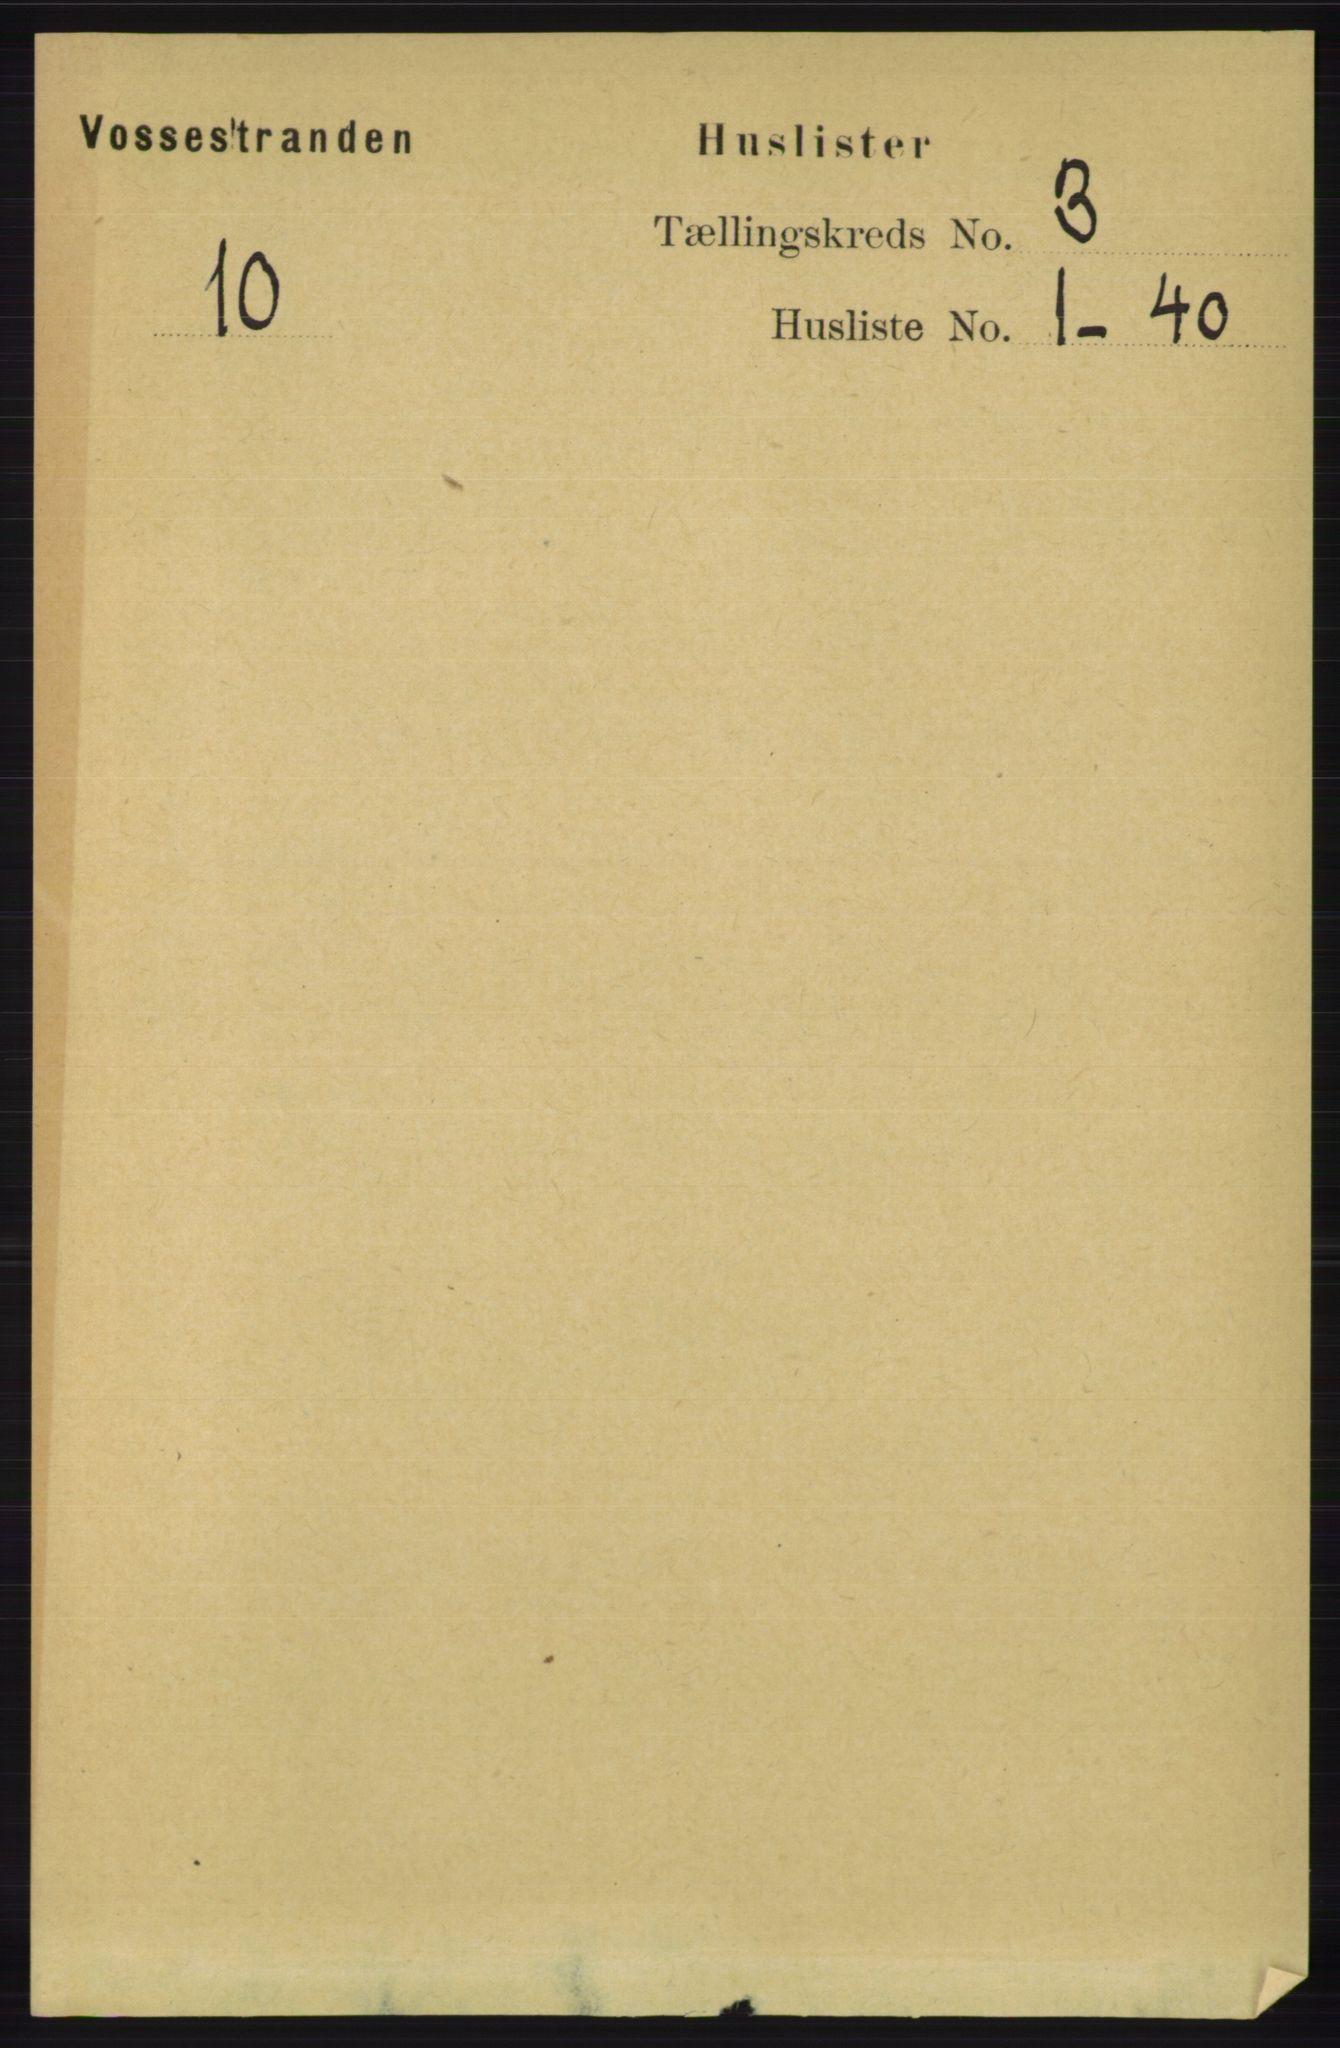 RA, Folketelling 1891 for 1236 Vossestrand herred, 1891, s. 1199